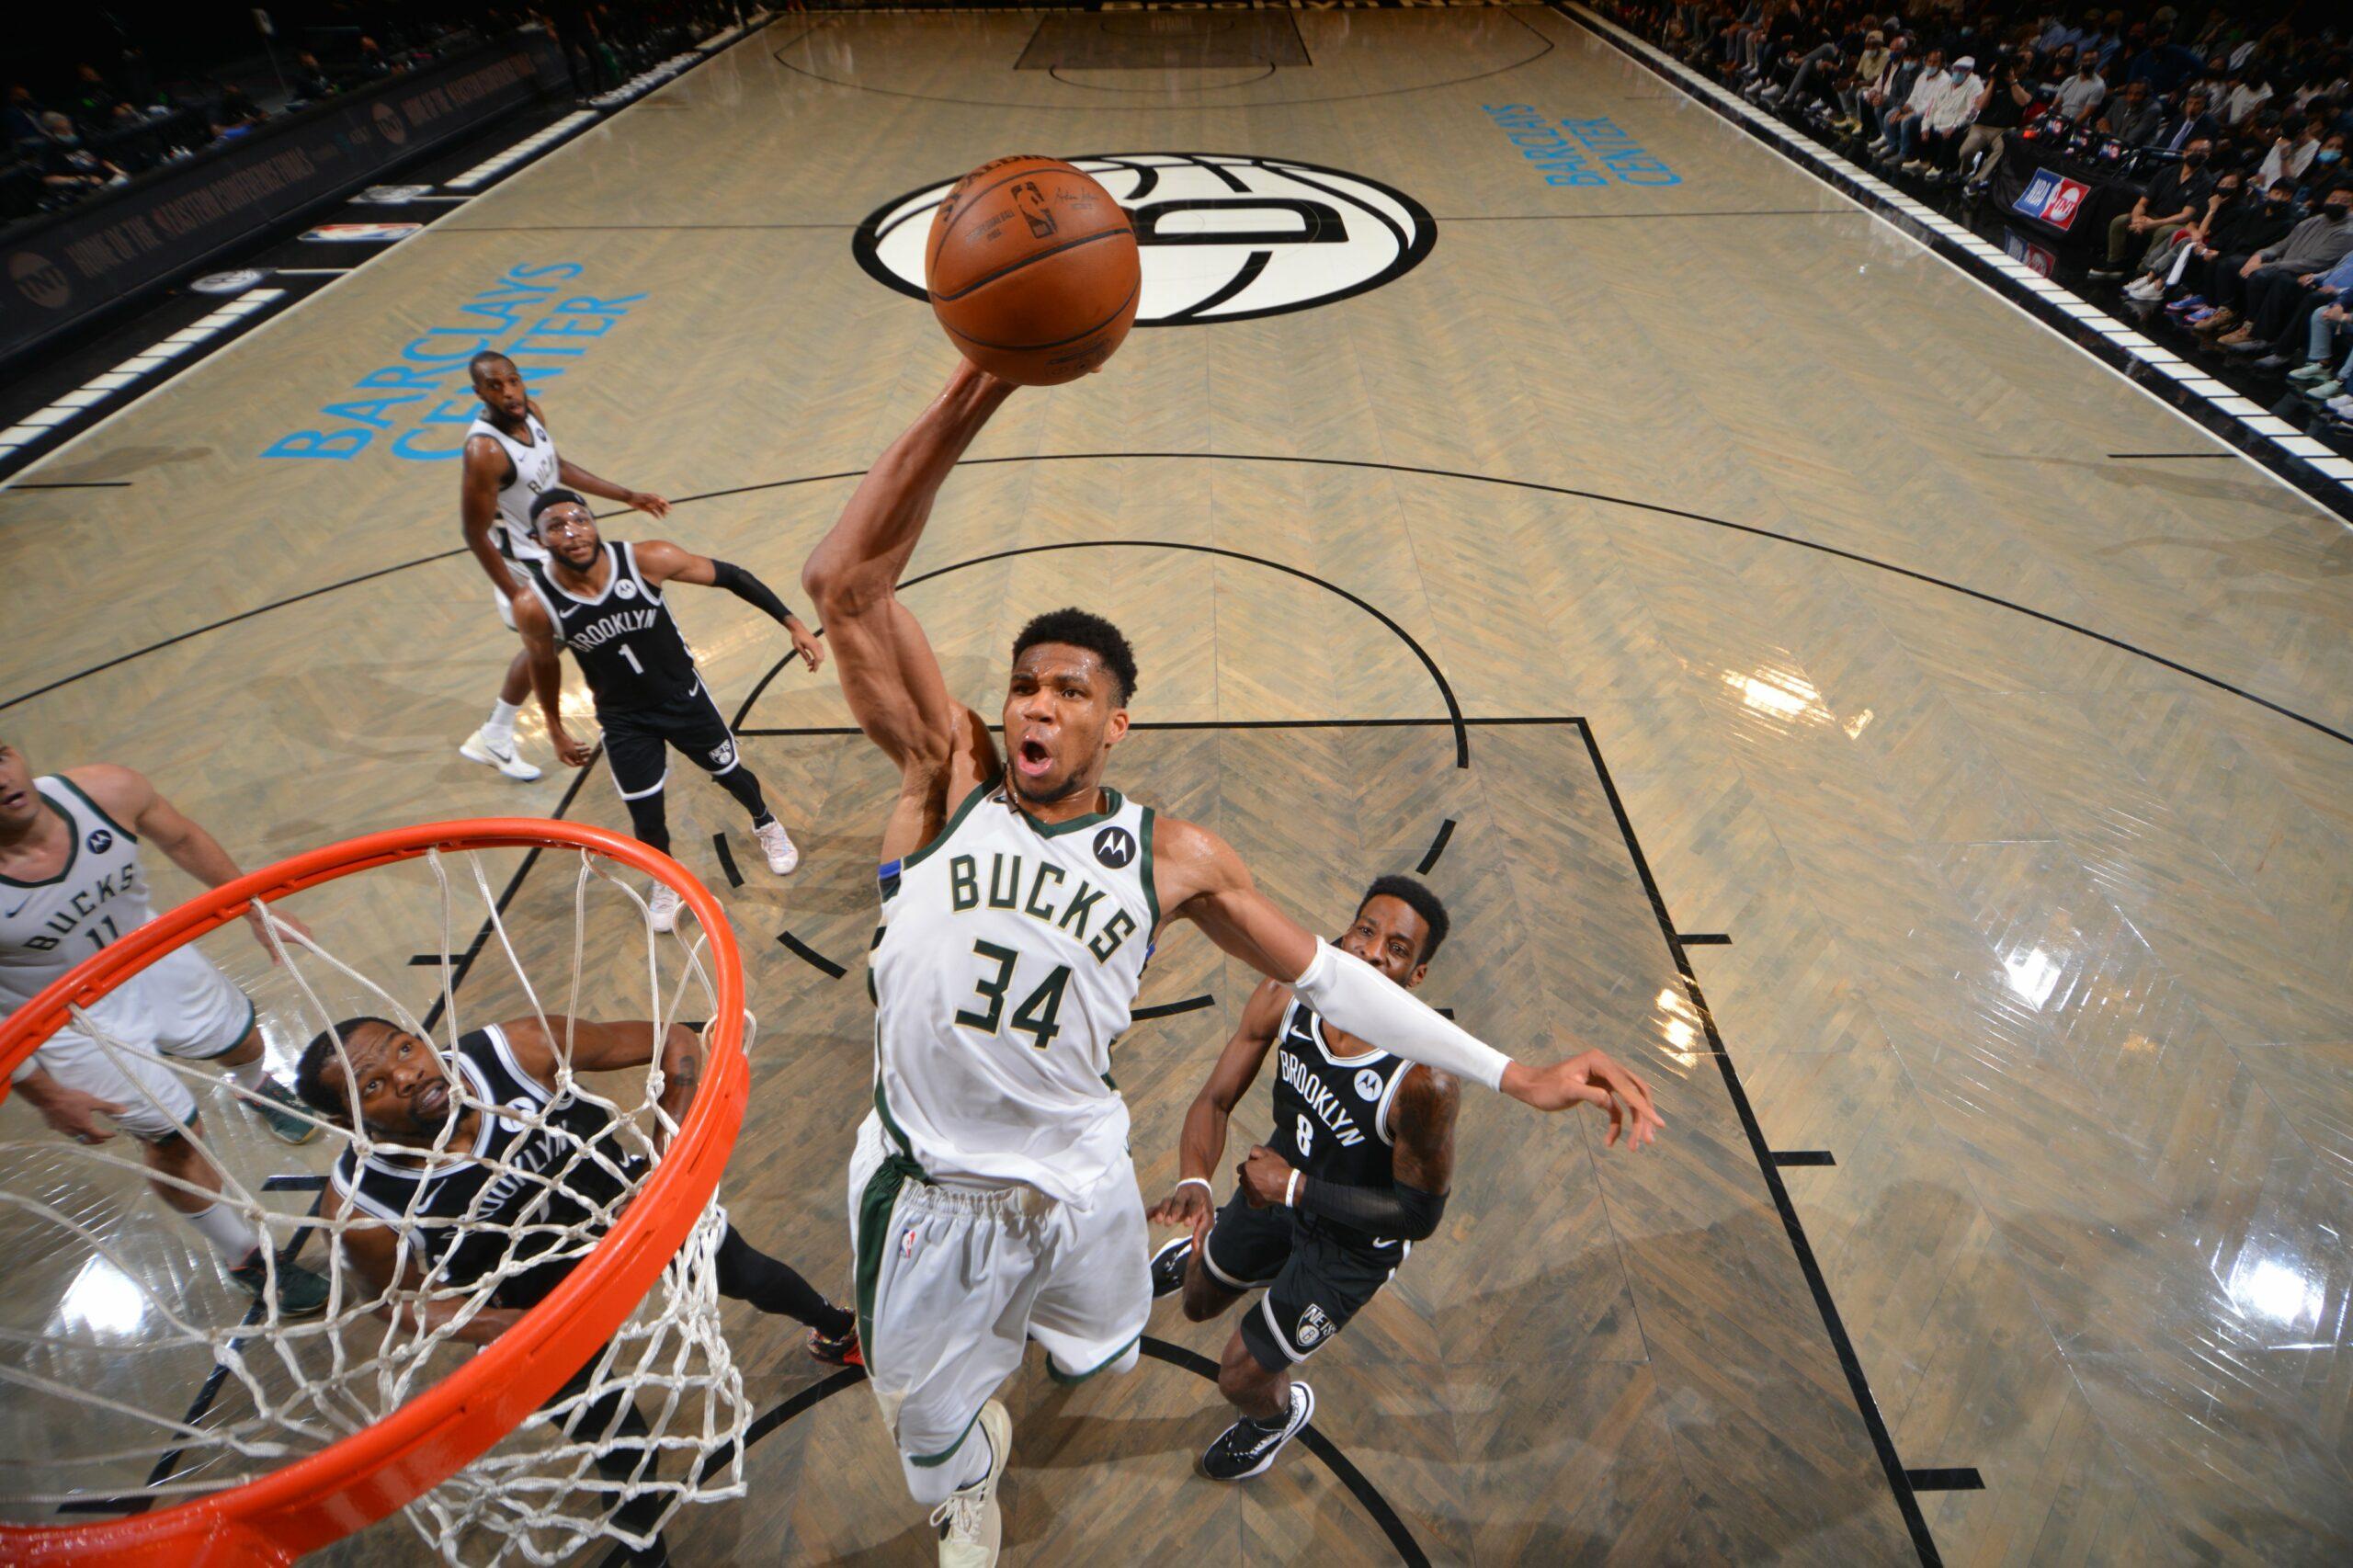 Bucks eliminan a los favoritos Nets y van a Final Conferencia Este